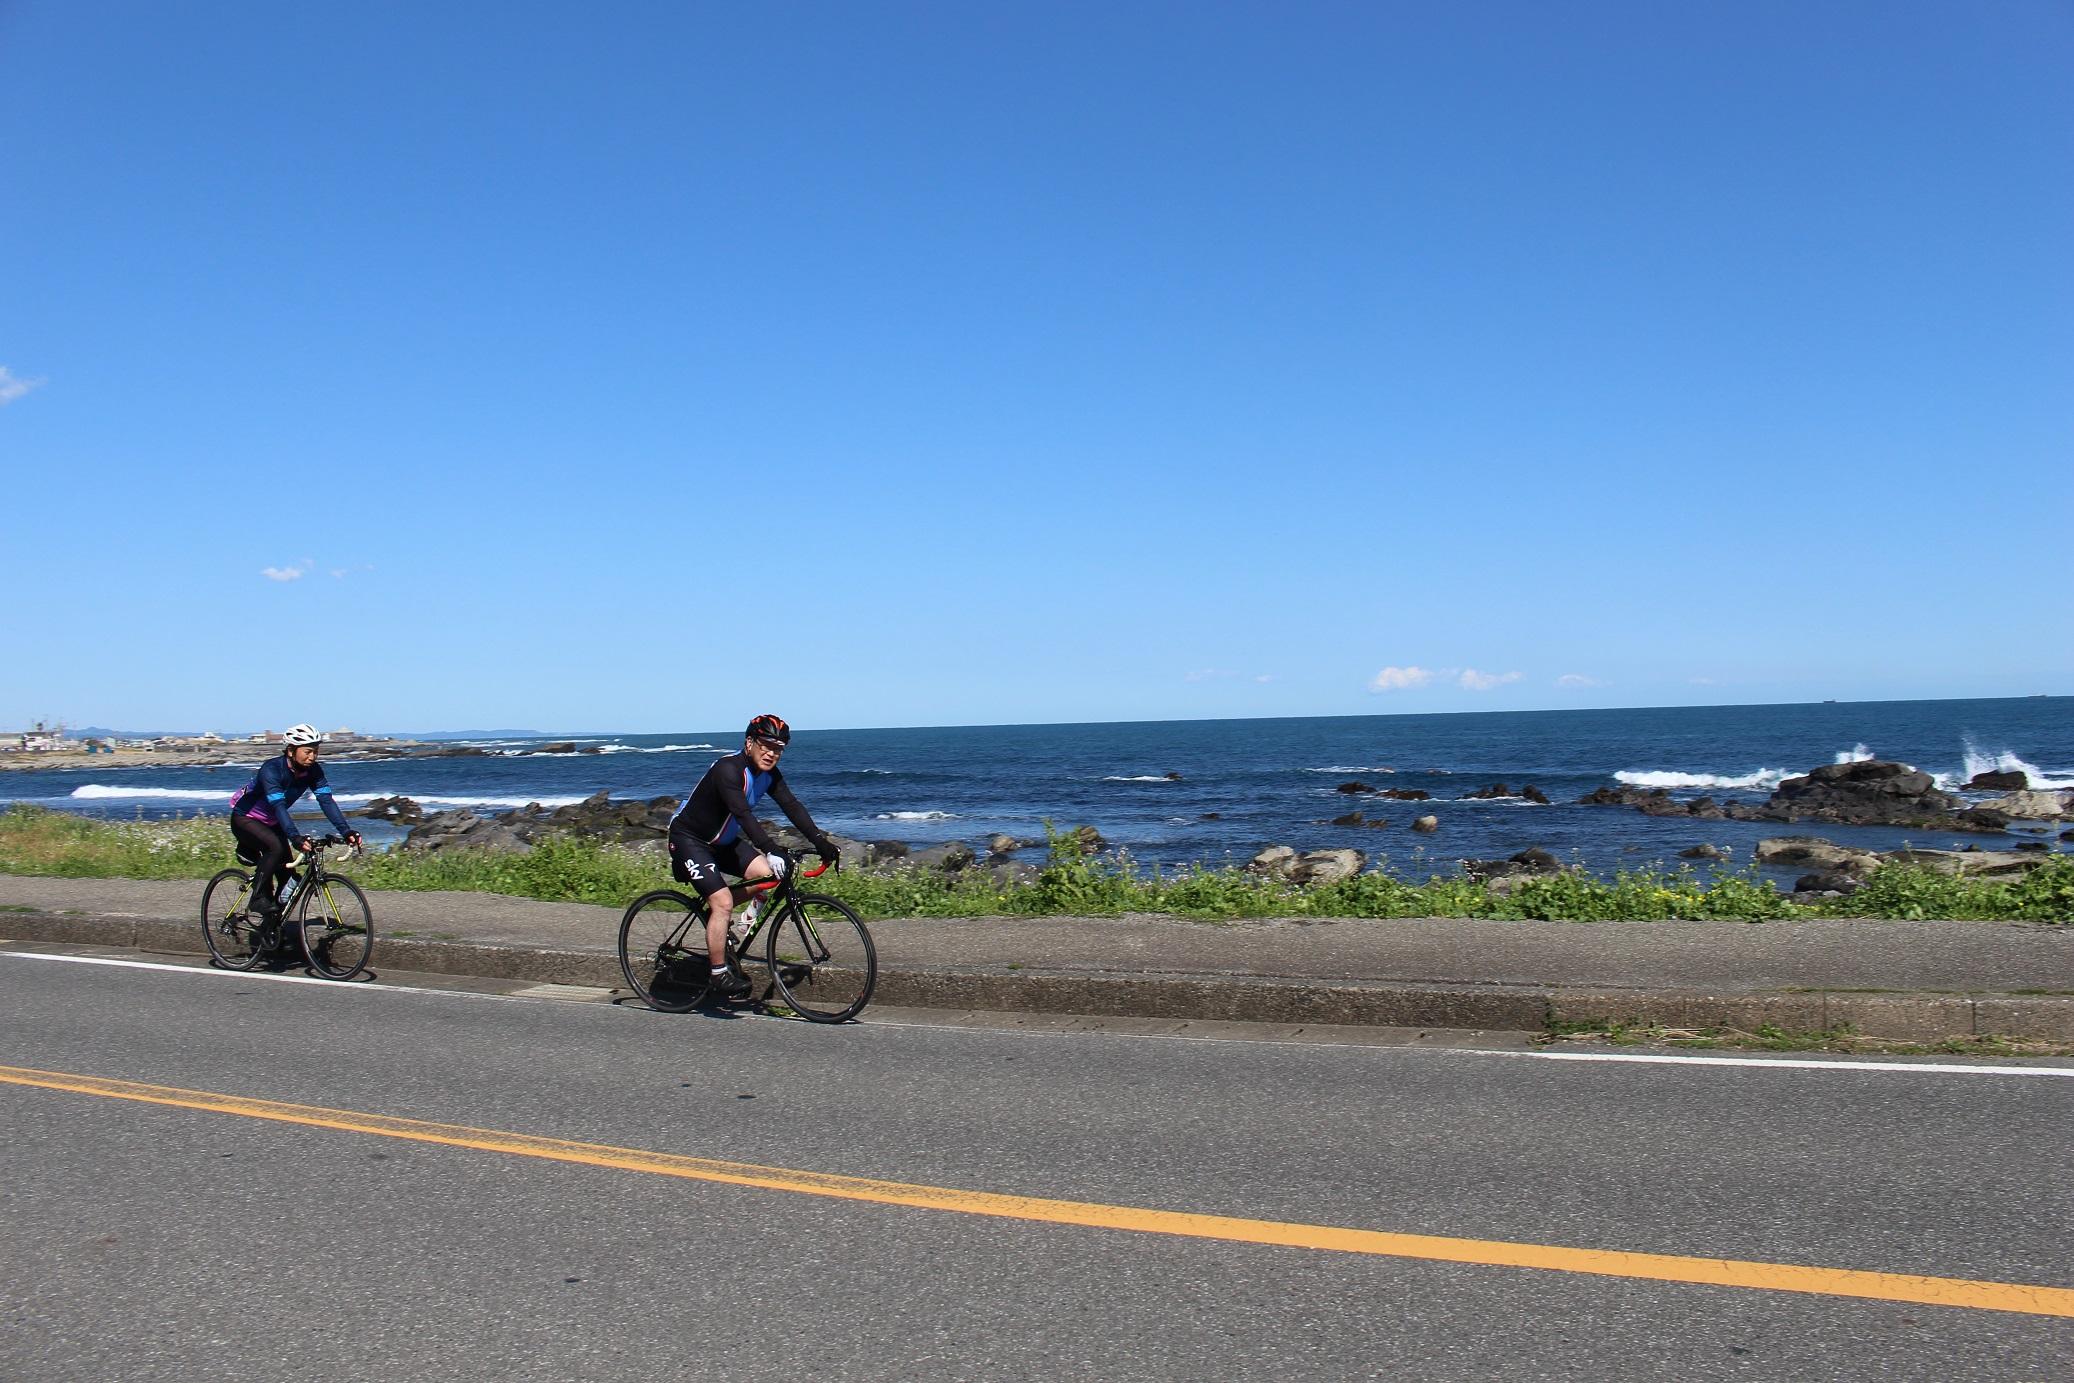 太平洋自転車道ナショナルサイクルルート認定記念 〜RIDE and CAMP〜 Station Ride in 南房総 21autumn